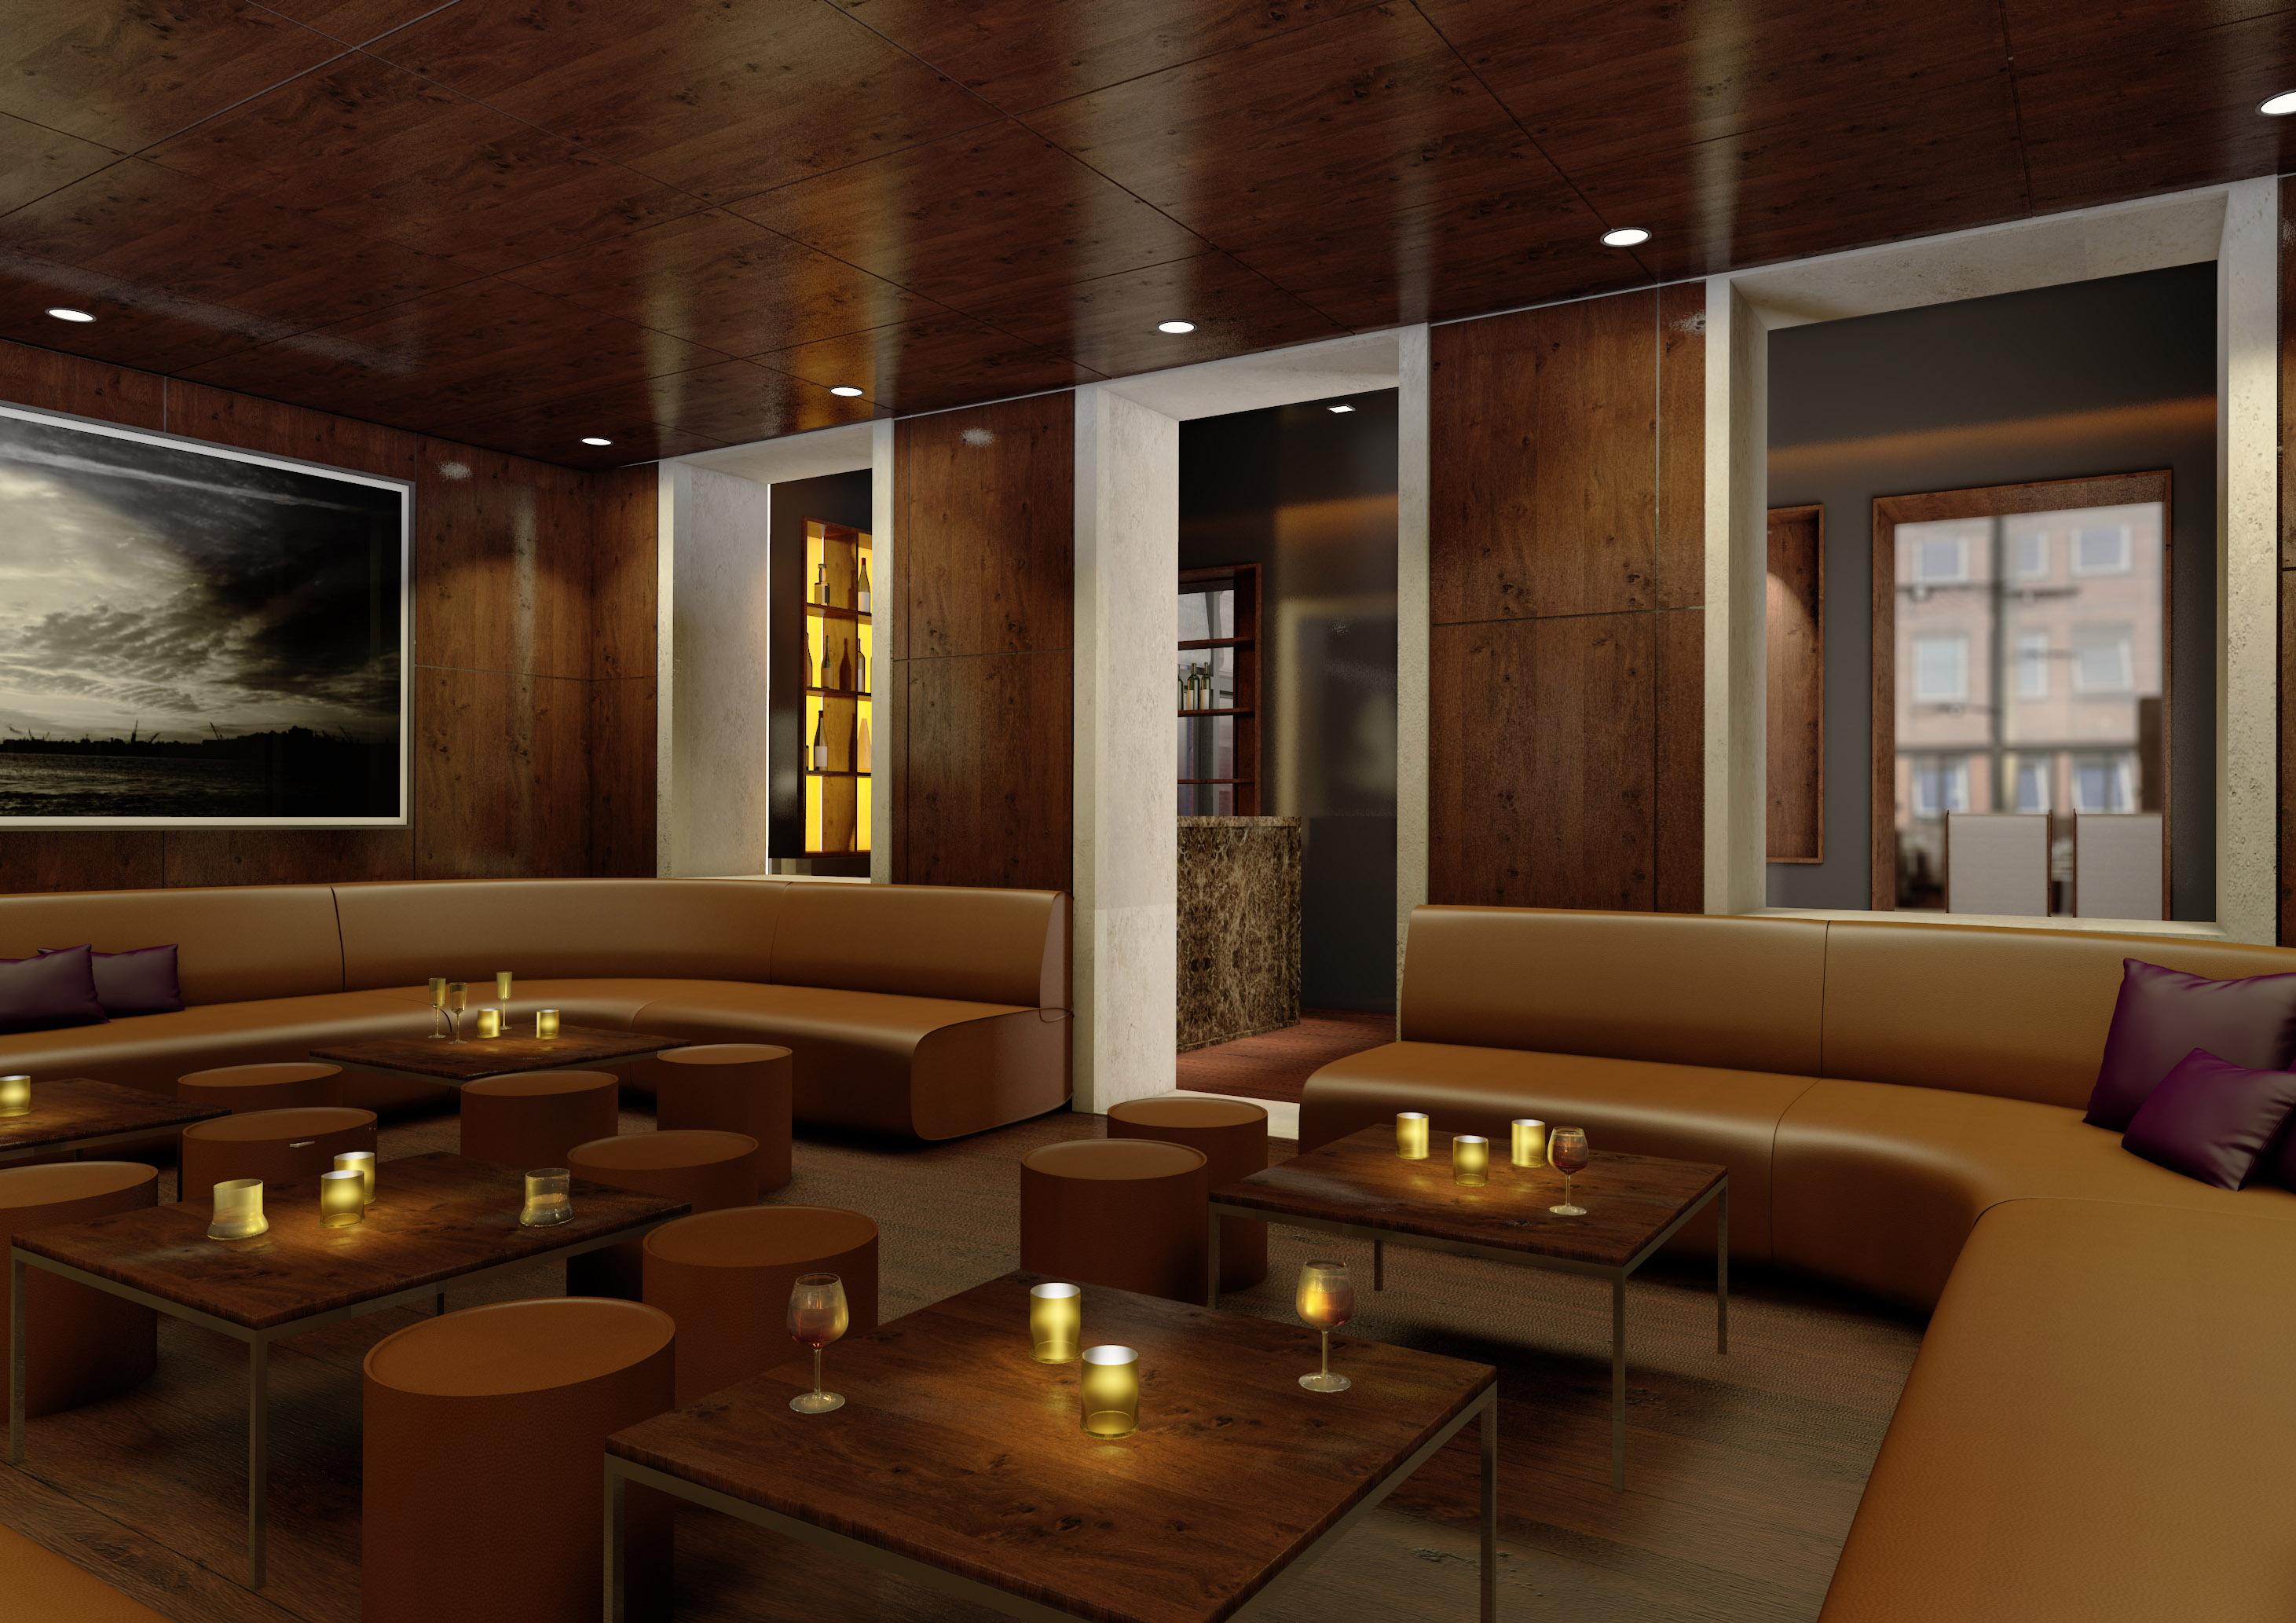 neu er ffnetes ameron hotel speicherstadt hamburg schon ausgebucht top standort in der. Black Bedroom Furniture Sets. Home Design Ideas